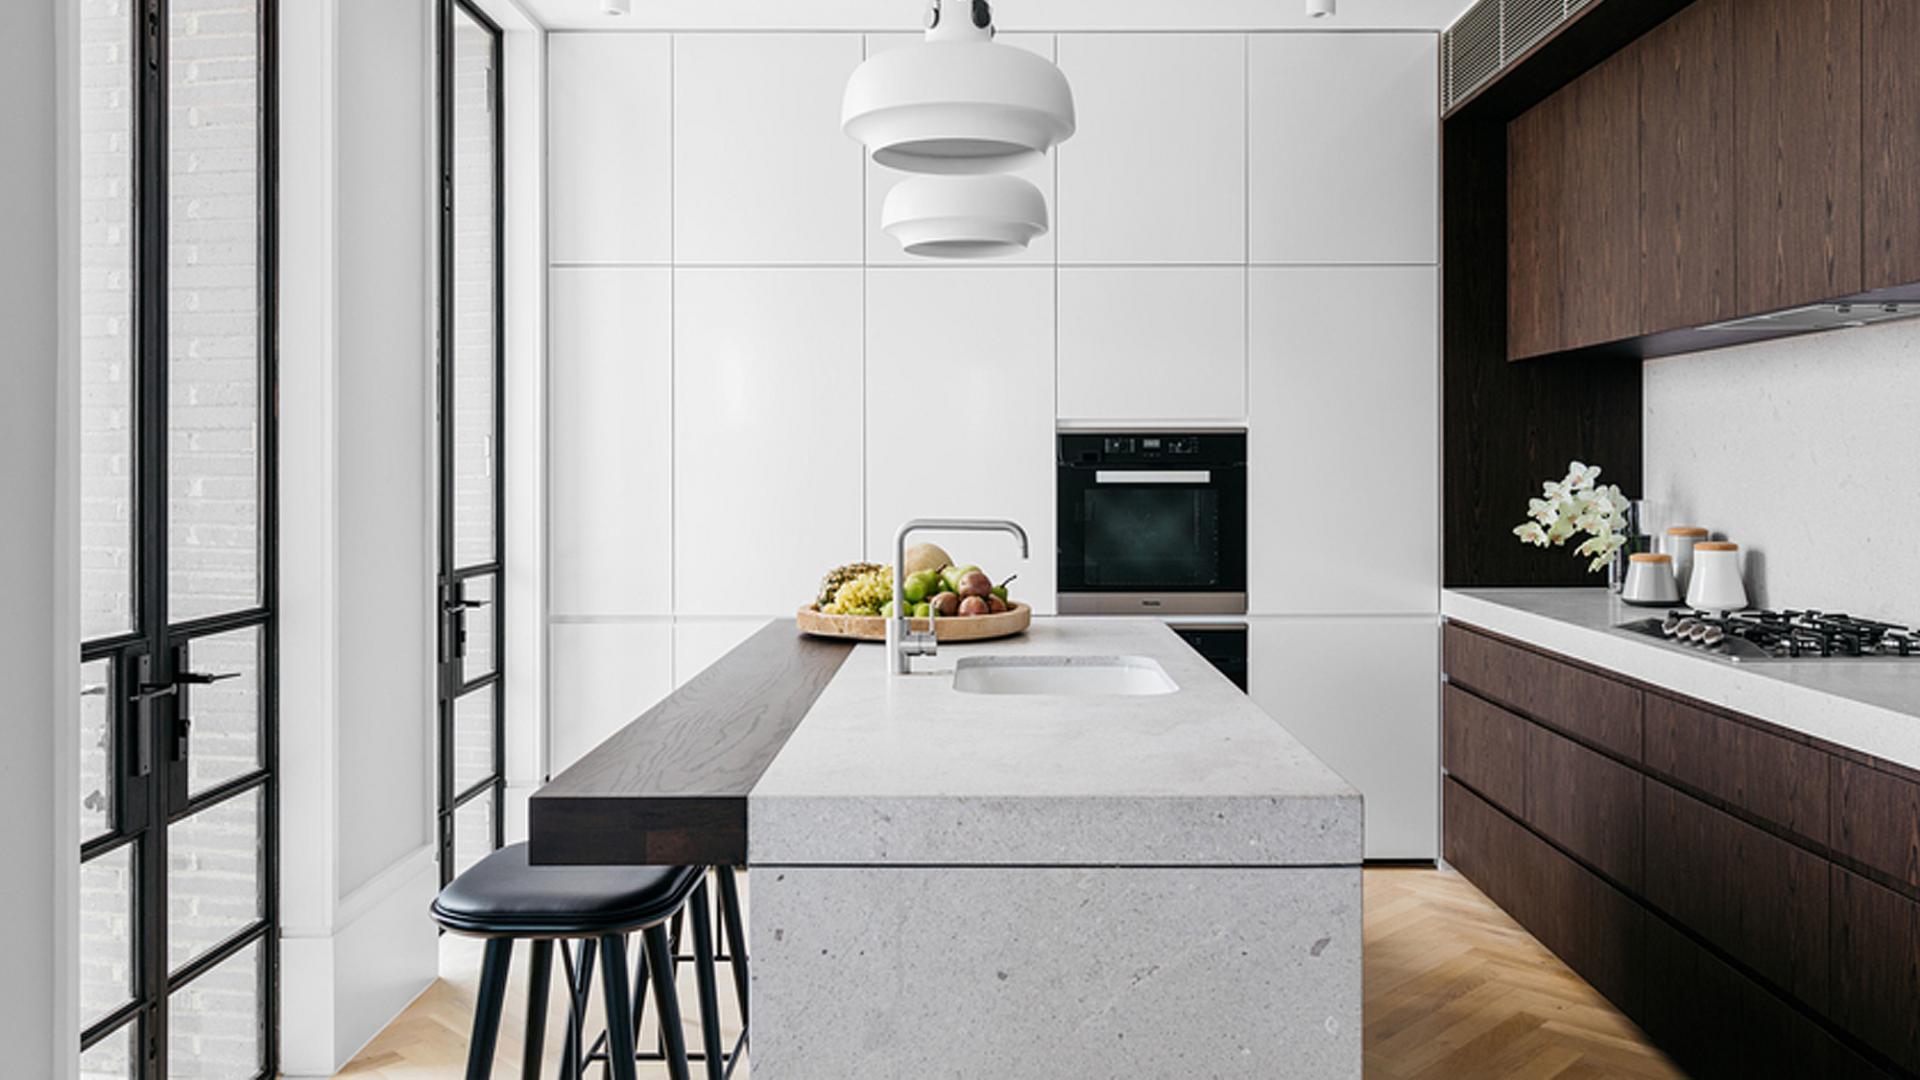 La Cucina Australiana - Dear Kitchen